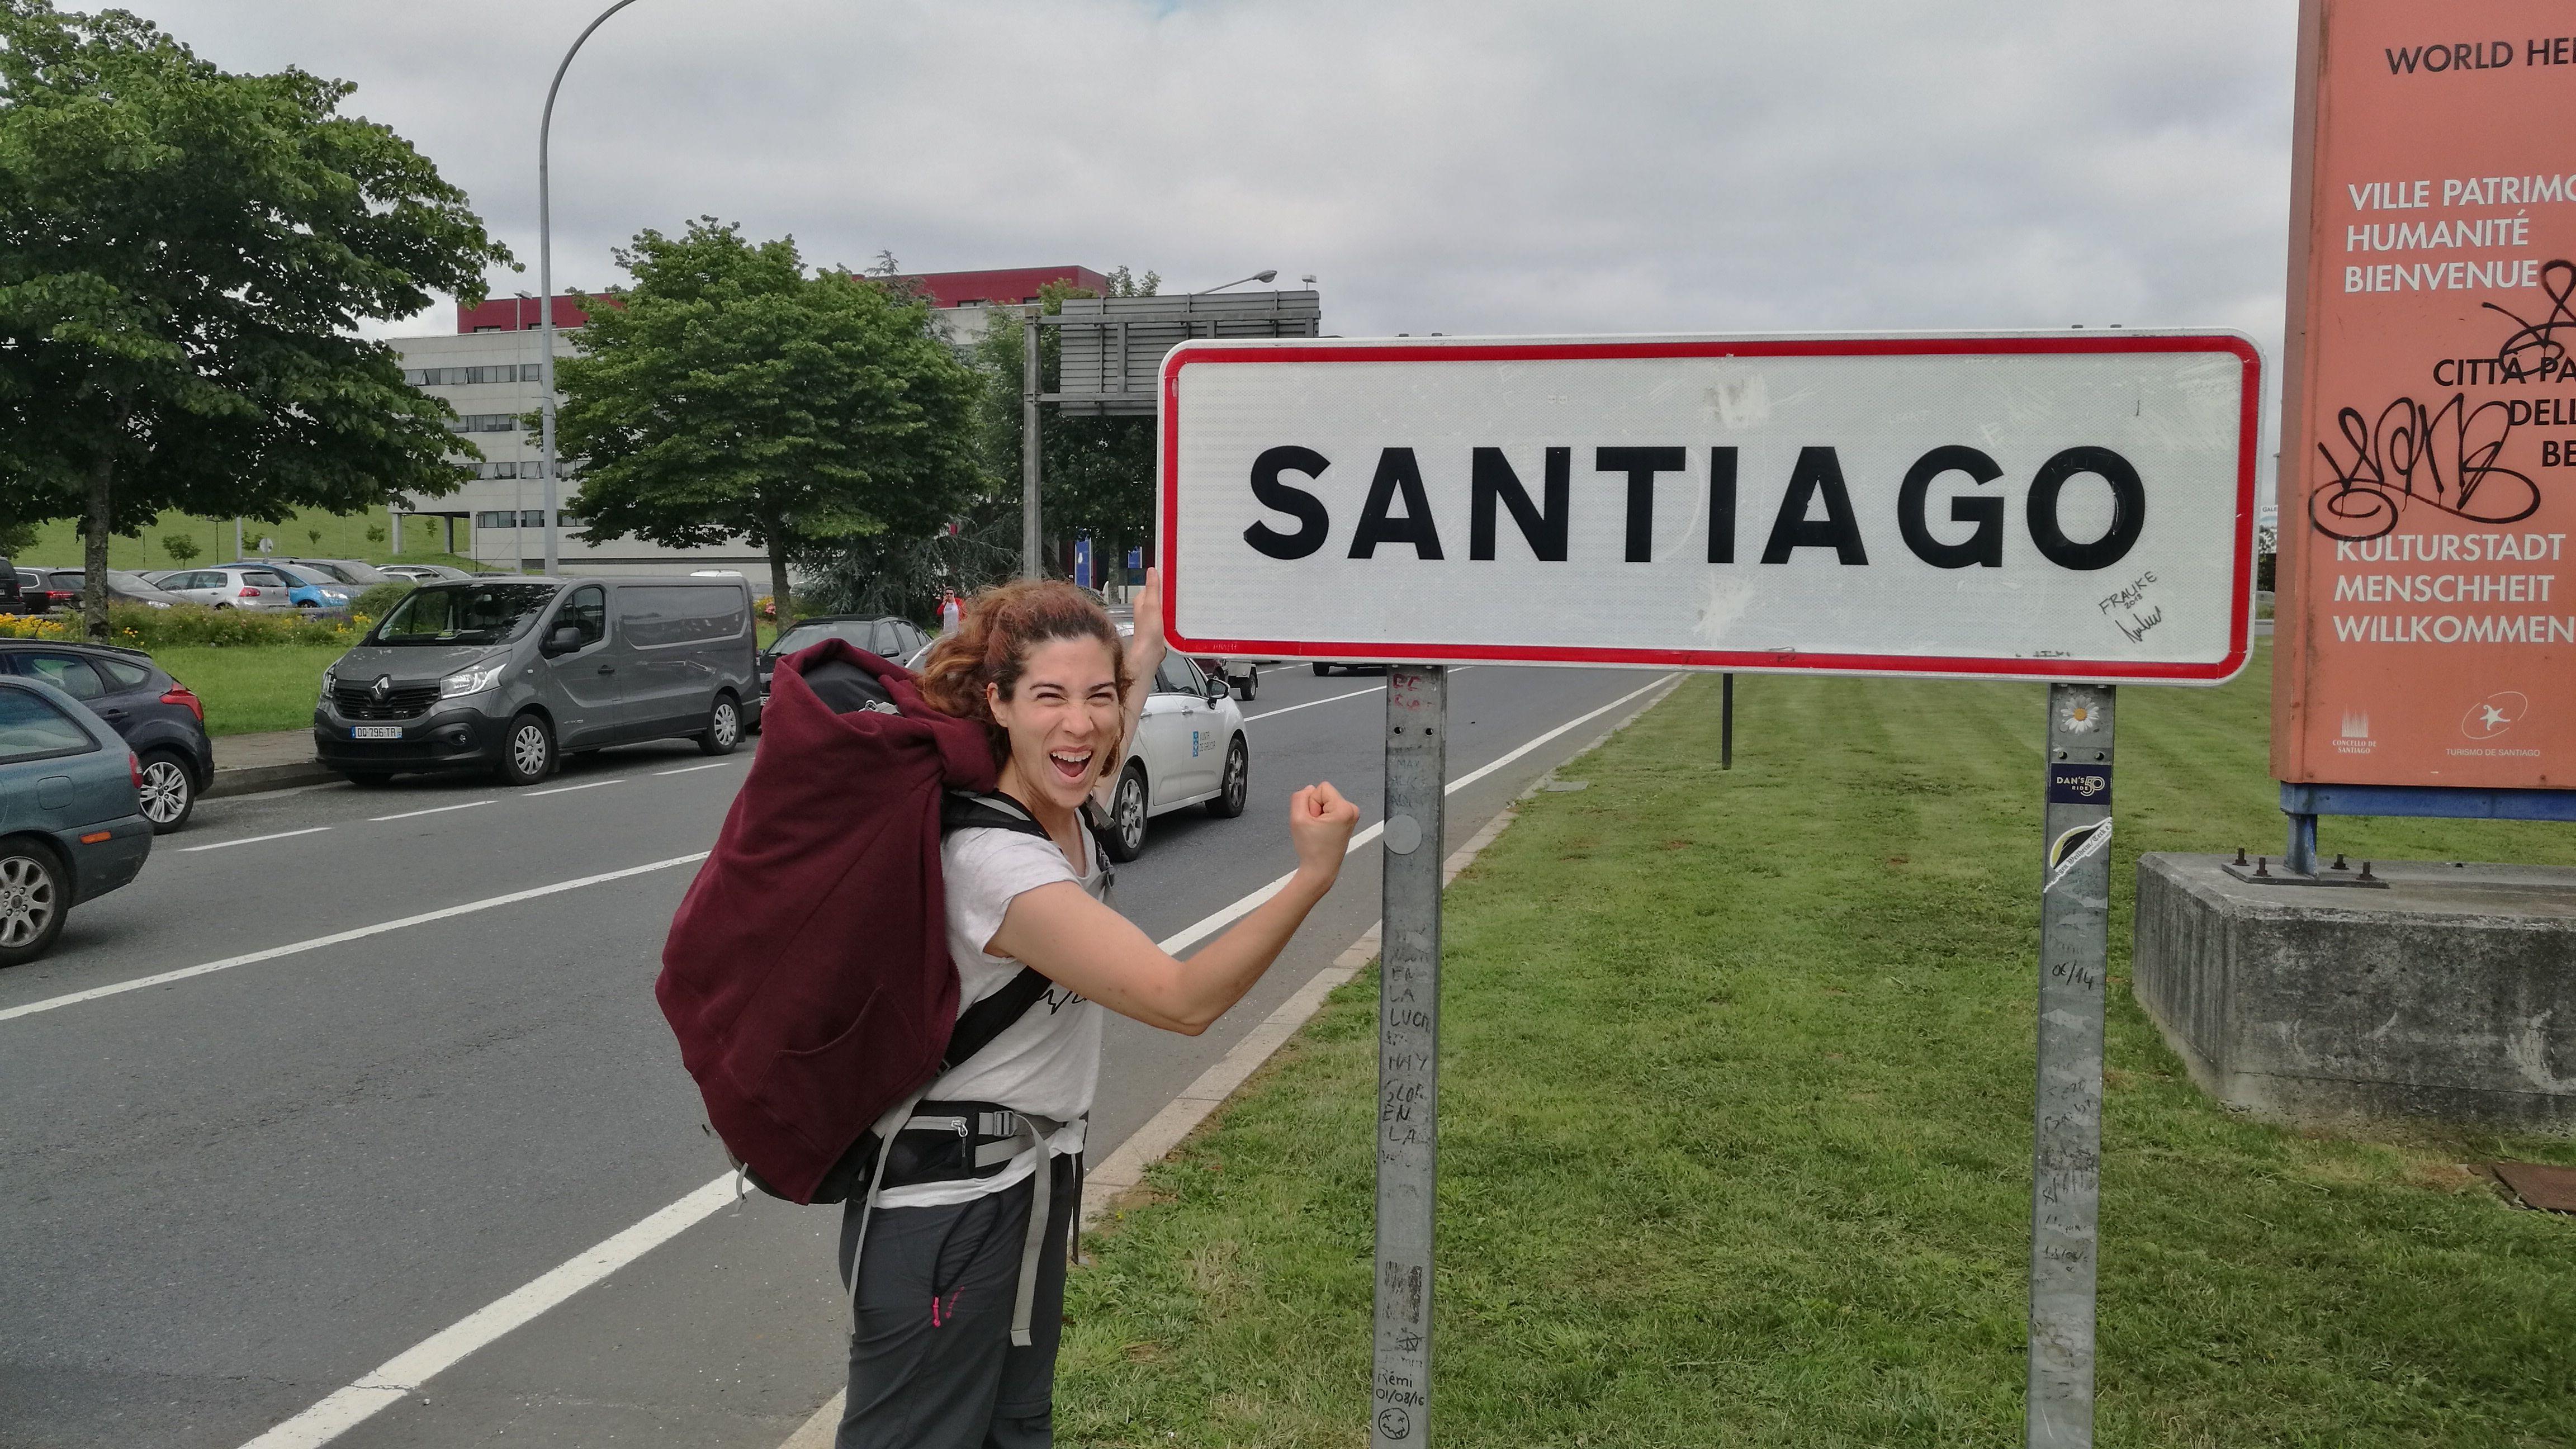 Entrando a Santiago